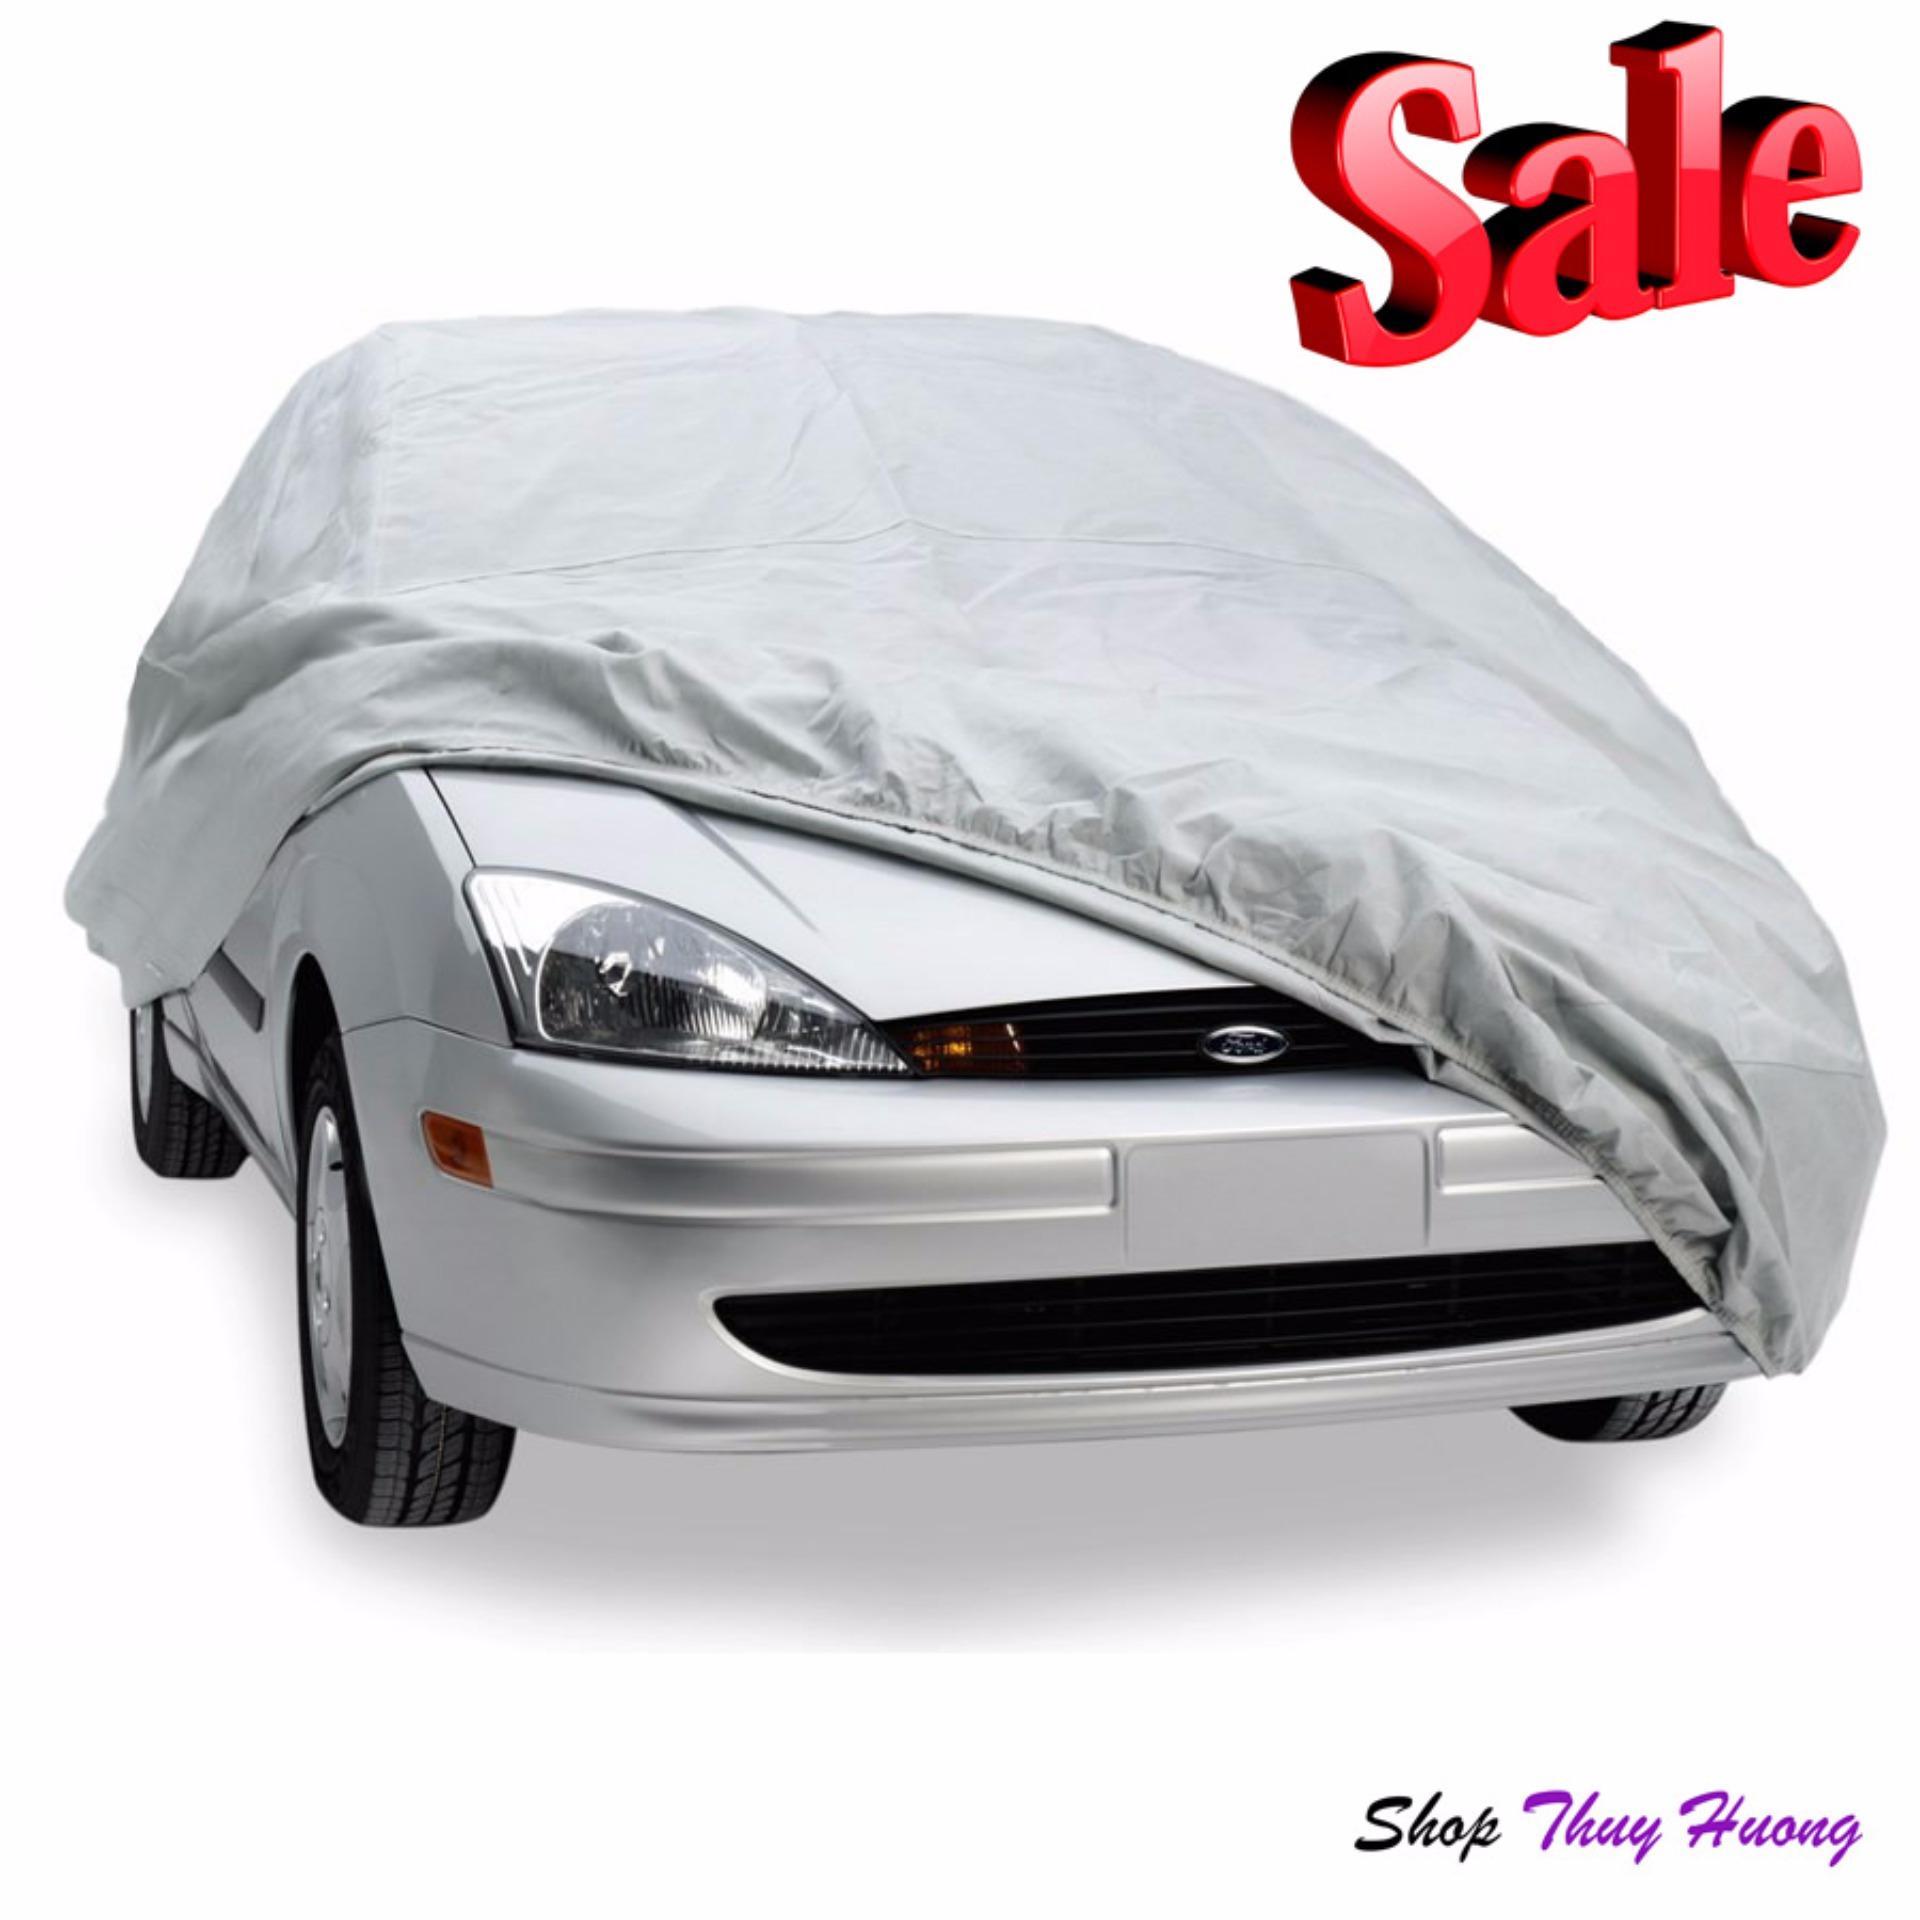 mua bạt phủ xe ô tô ở đâu, bac phu xe oto - Bạt che phủ ô tô, xe hơi cao cấp, Chất liệu Ultra-lite PEVA cao cấp, Giá Cực Sốc